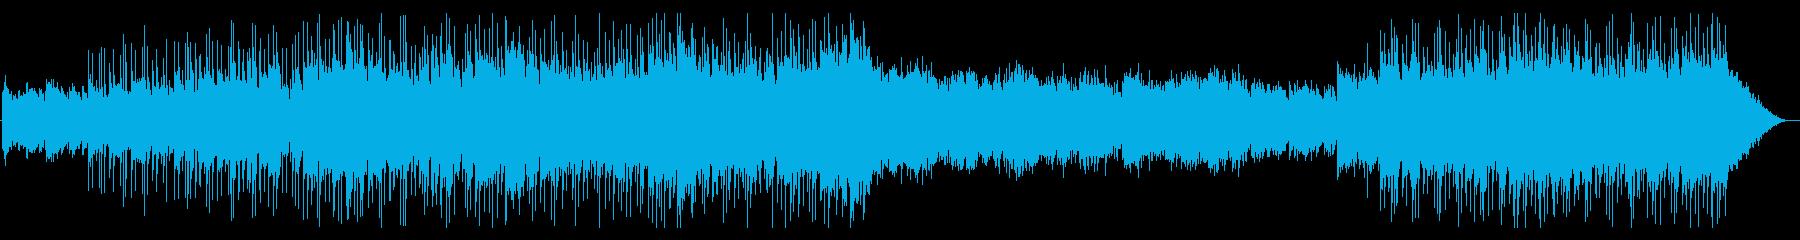 ドラムで引っ張る広大な風景ポストロックの再生済みの波形